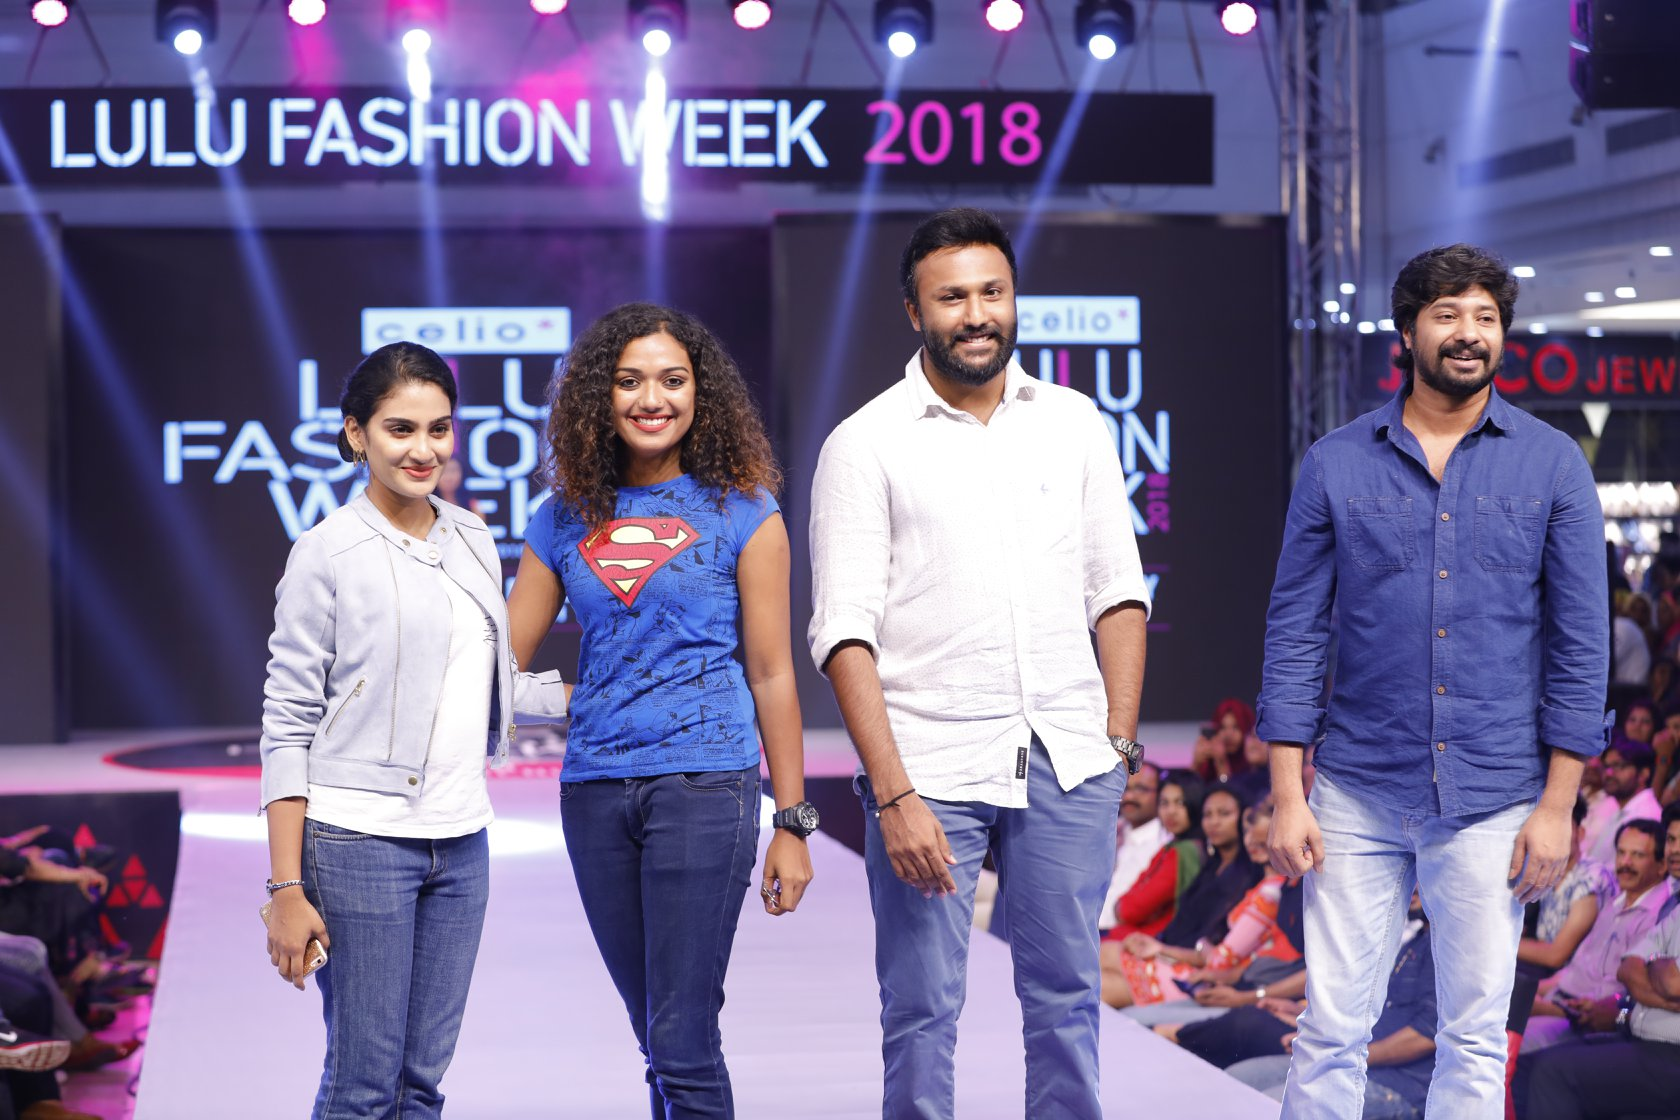 lulu fashion week 2018 photos  13